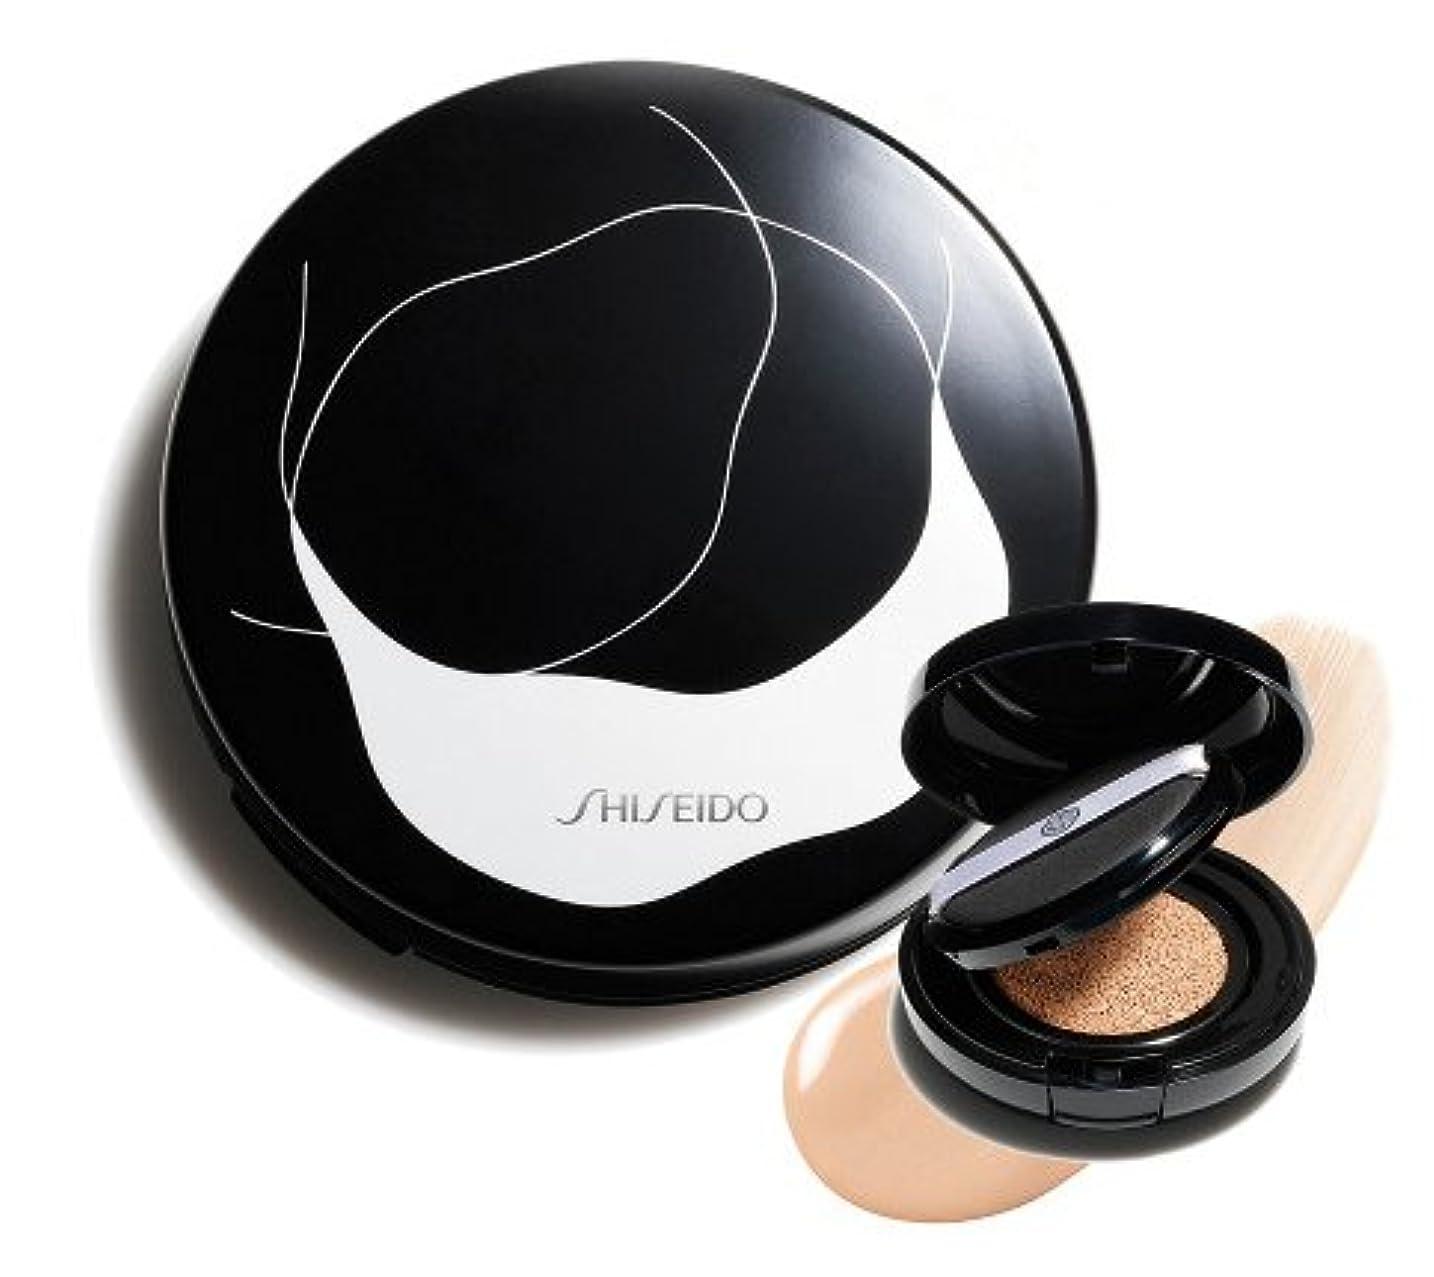 抑圧する負荷症状SHISEIDO 資生堂 シンクロスキン グロー クッションコンパクト オークル20 Golden3 - レフィル&ケースのセット